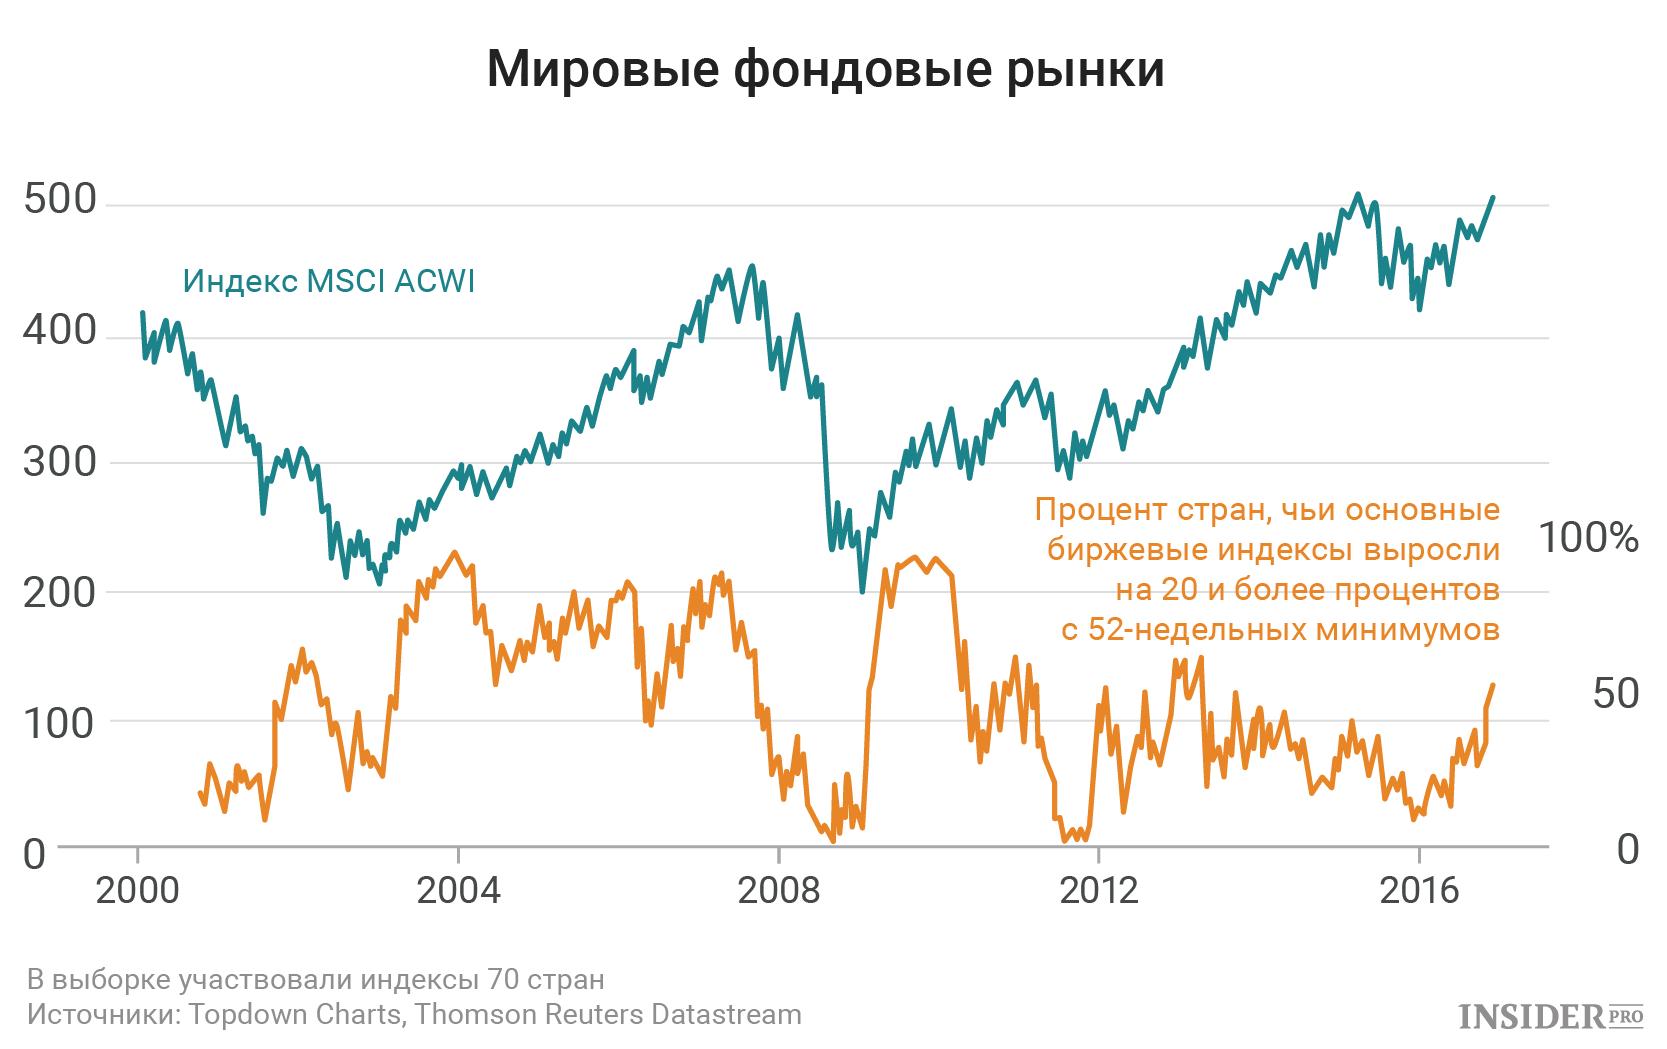 Фондовый рынок США этой осенью - прогнозы